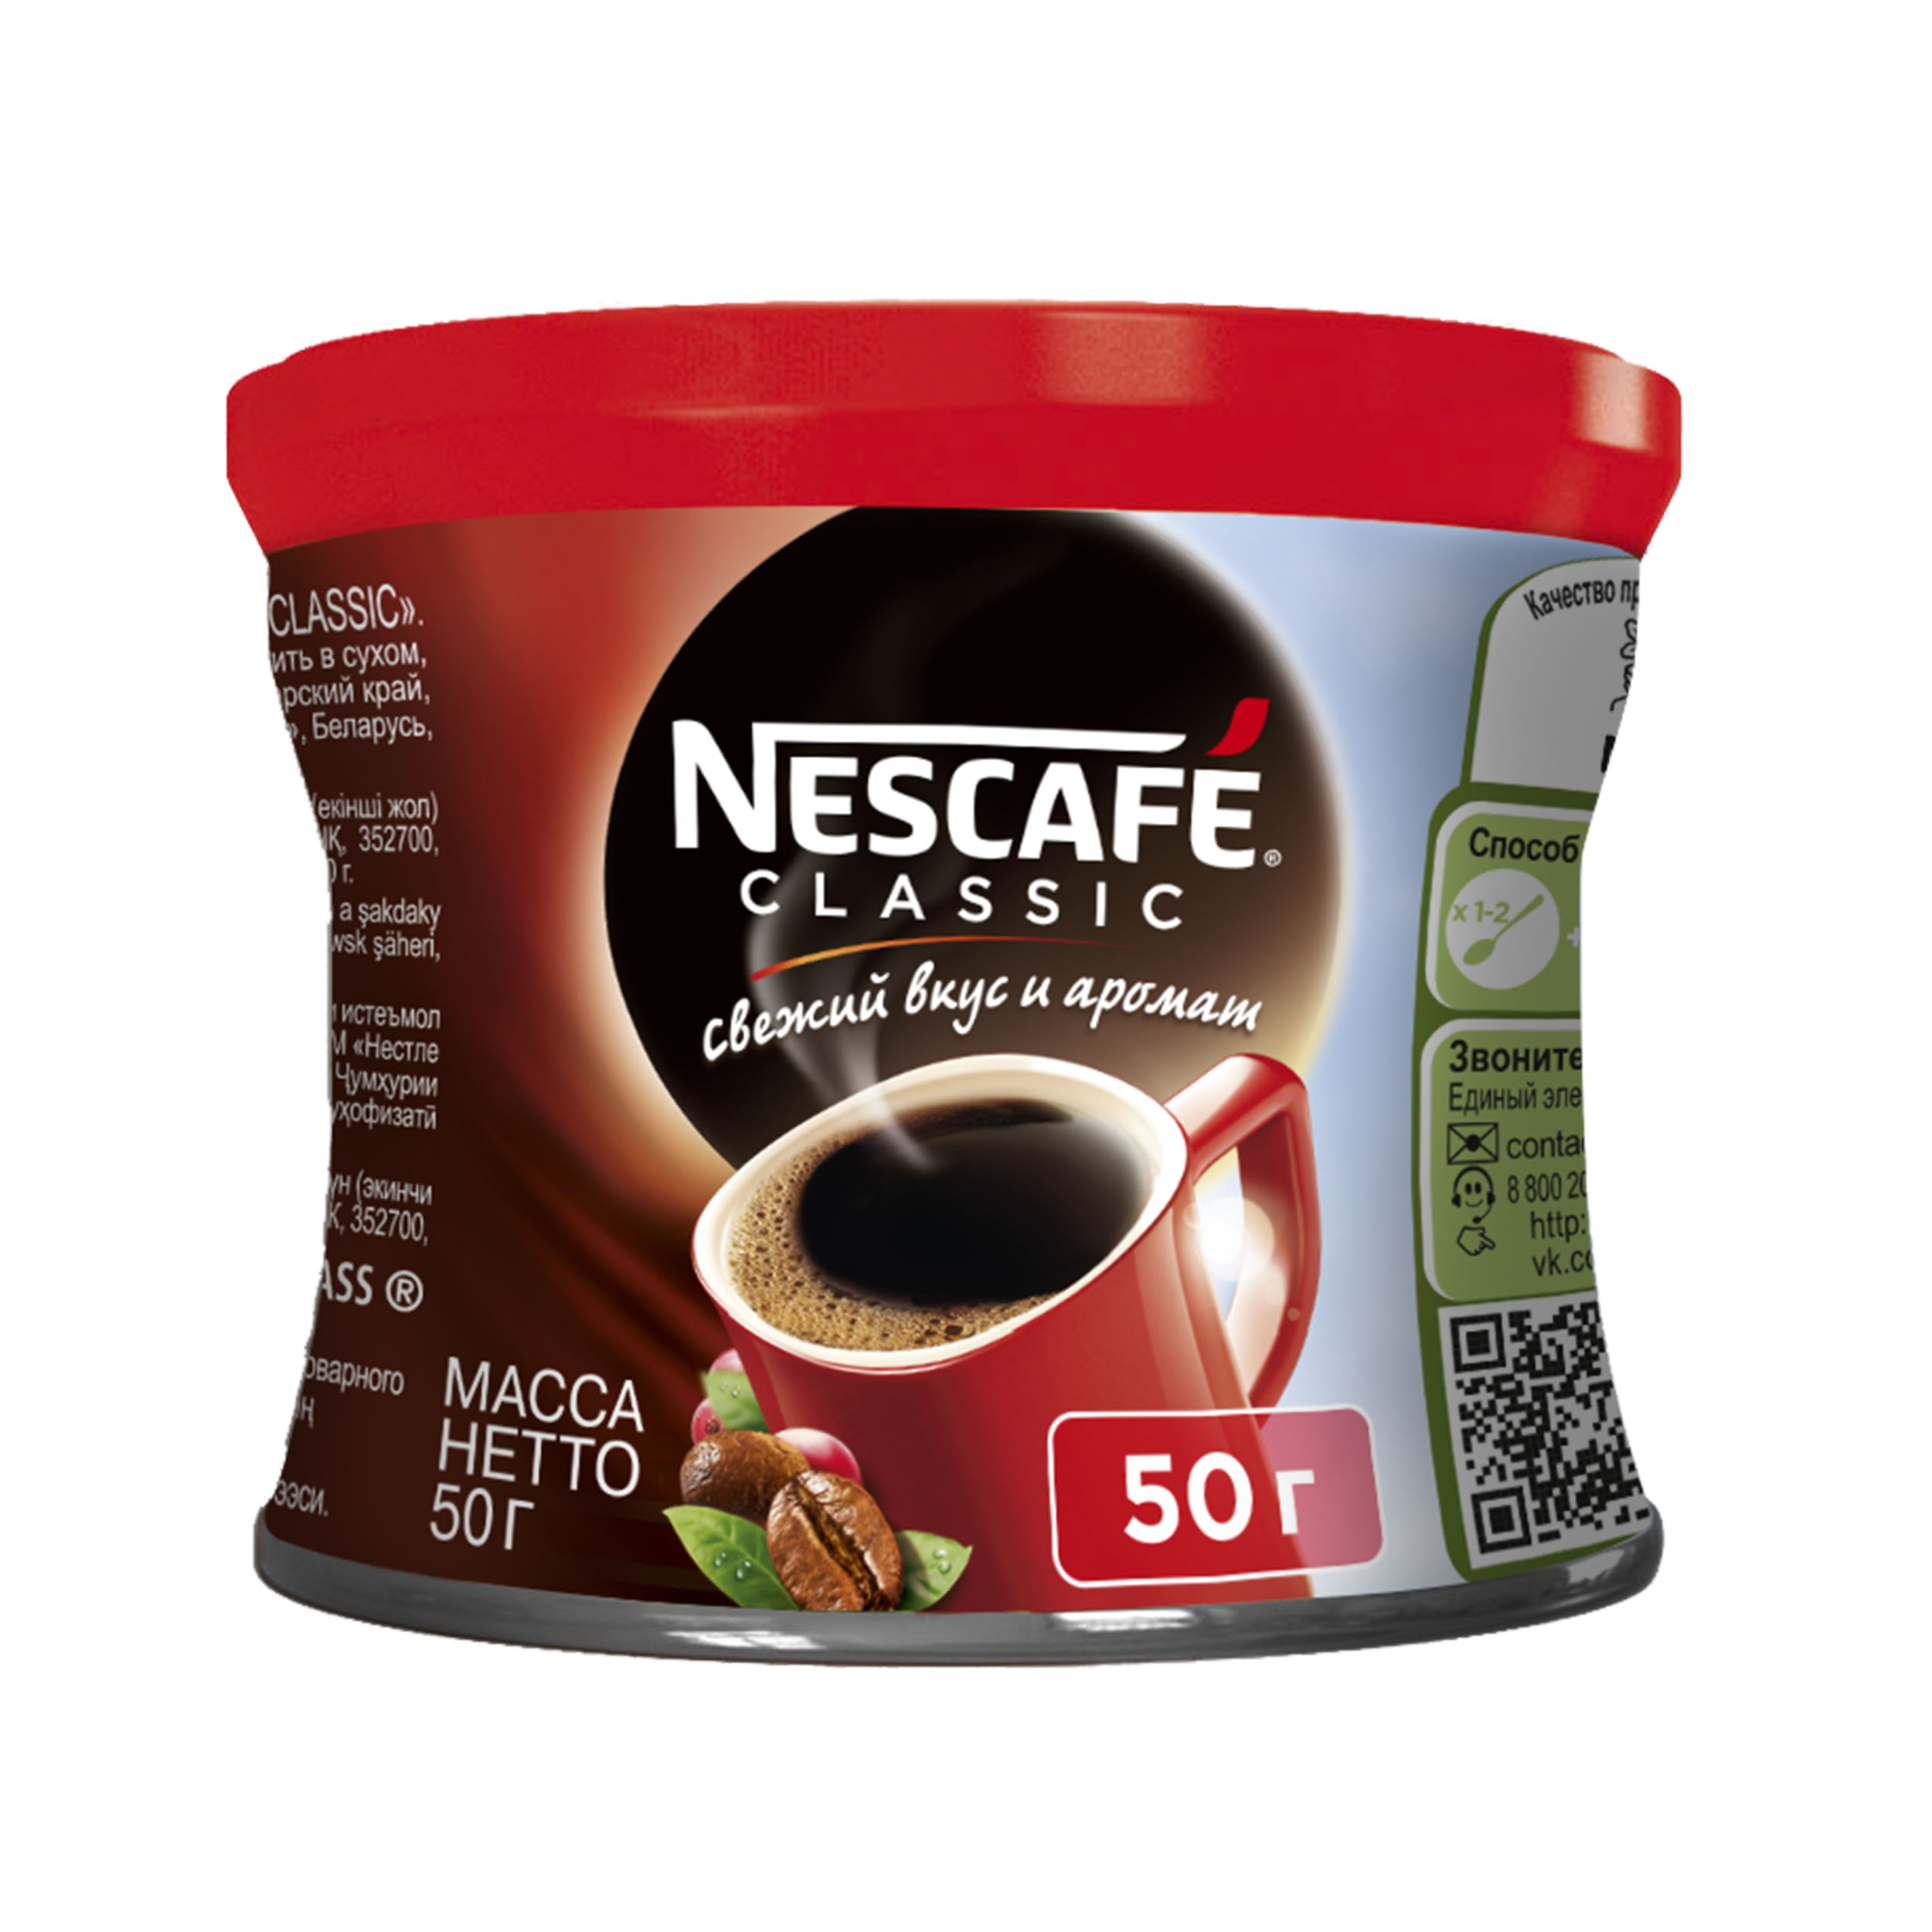 Кофе растворимый Nescafe classic жестяная банка 50 г